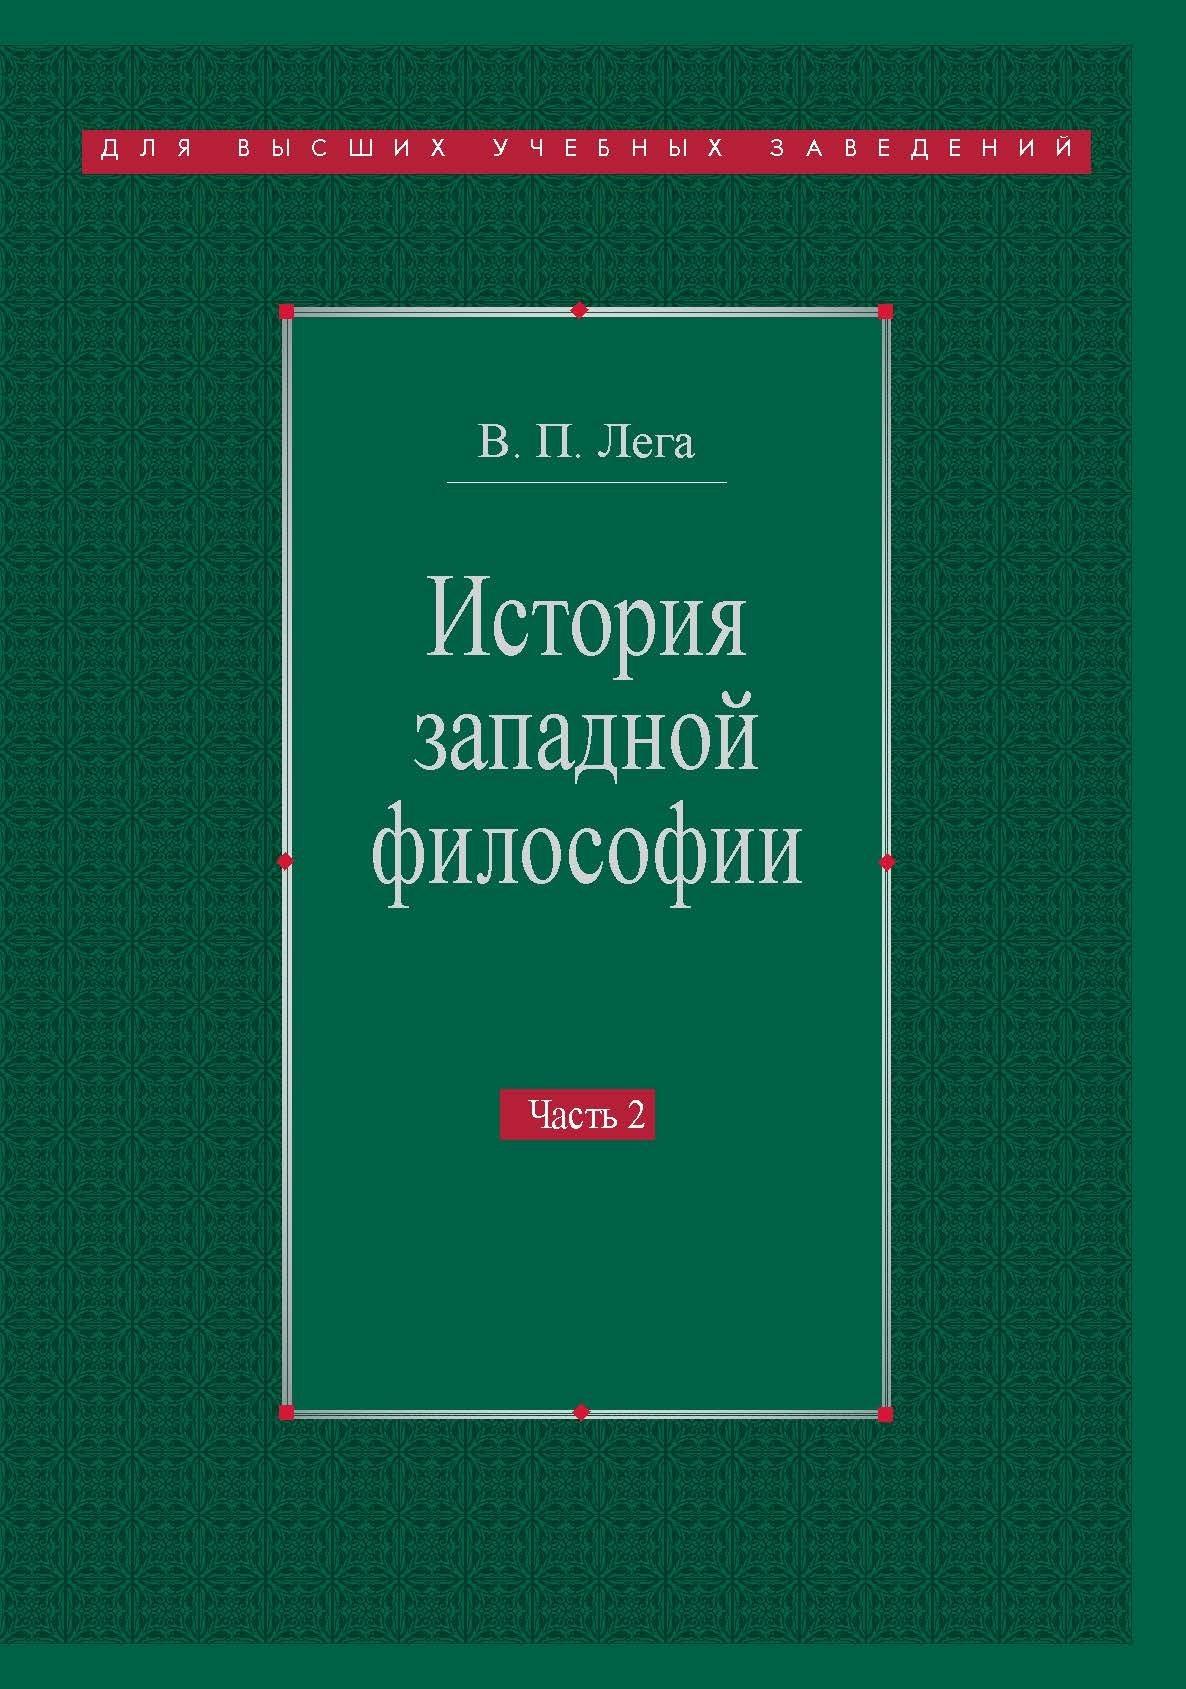 История западной философии. Часть II. Новое время. Современная западная философия